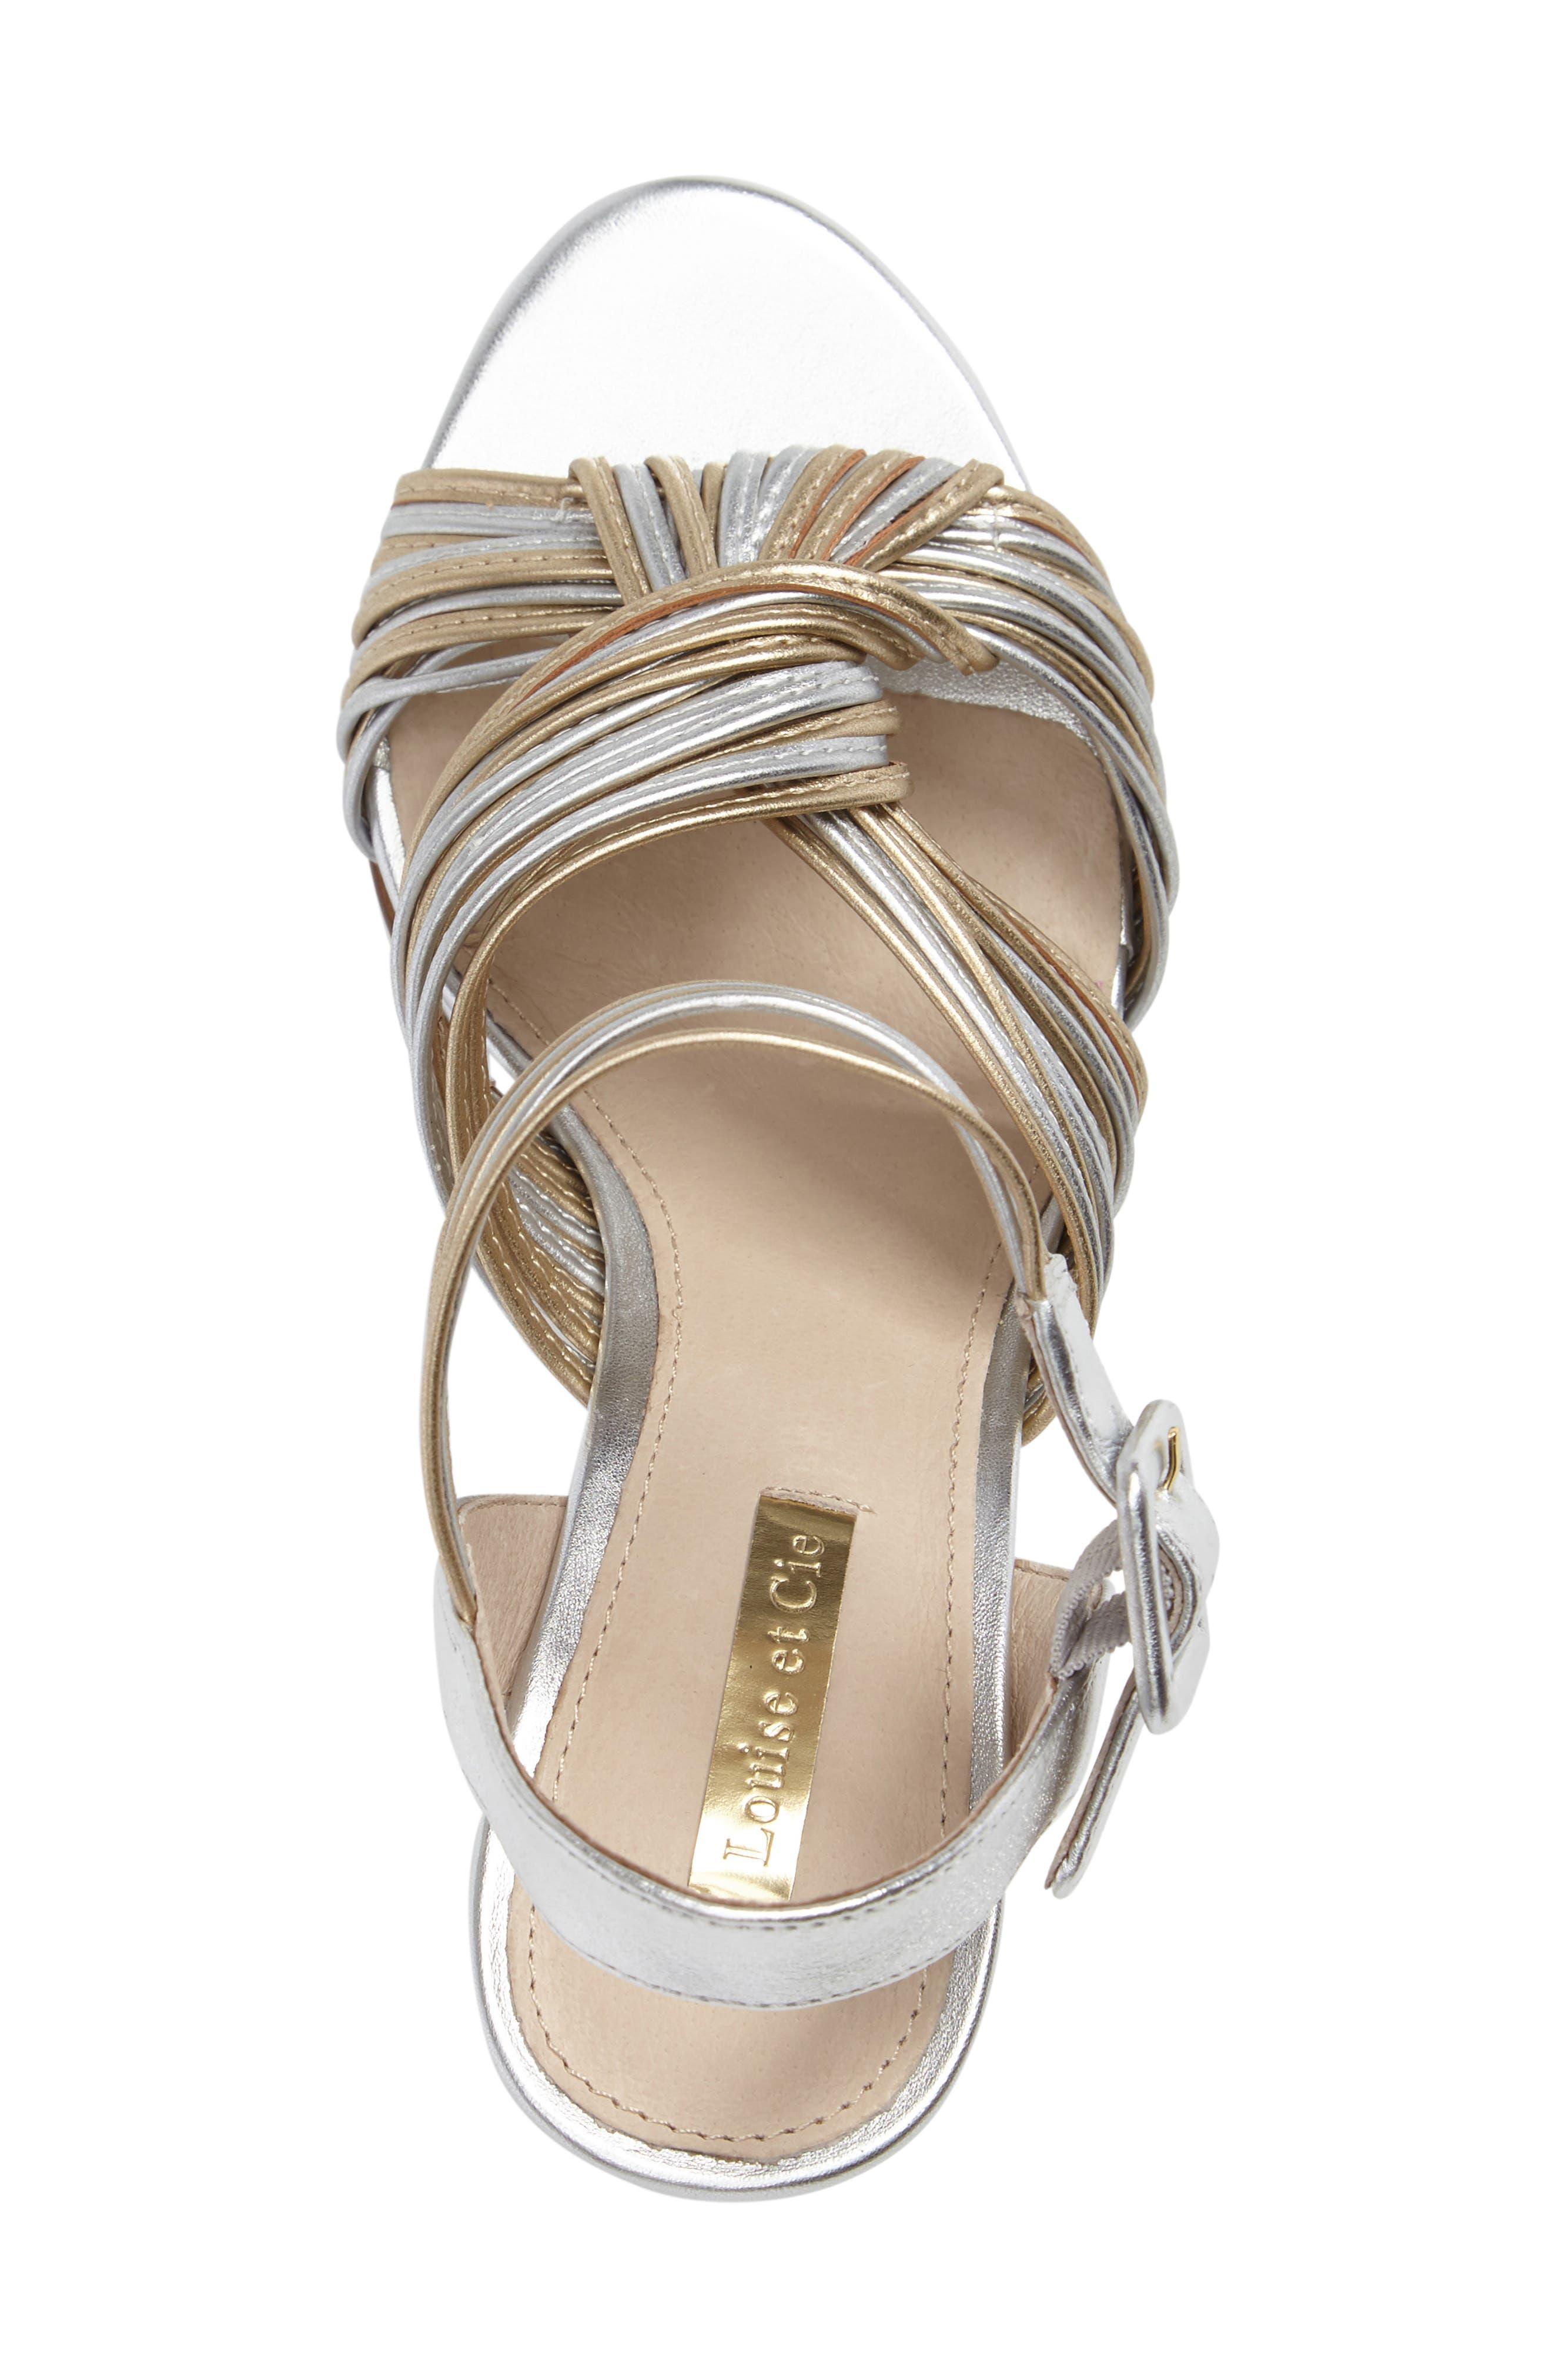 Kamden Knotted Block Heel Sandal,                             Alternate thumbnail 3, color,                             711